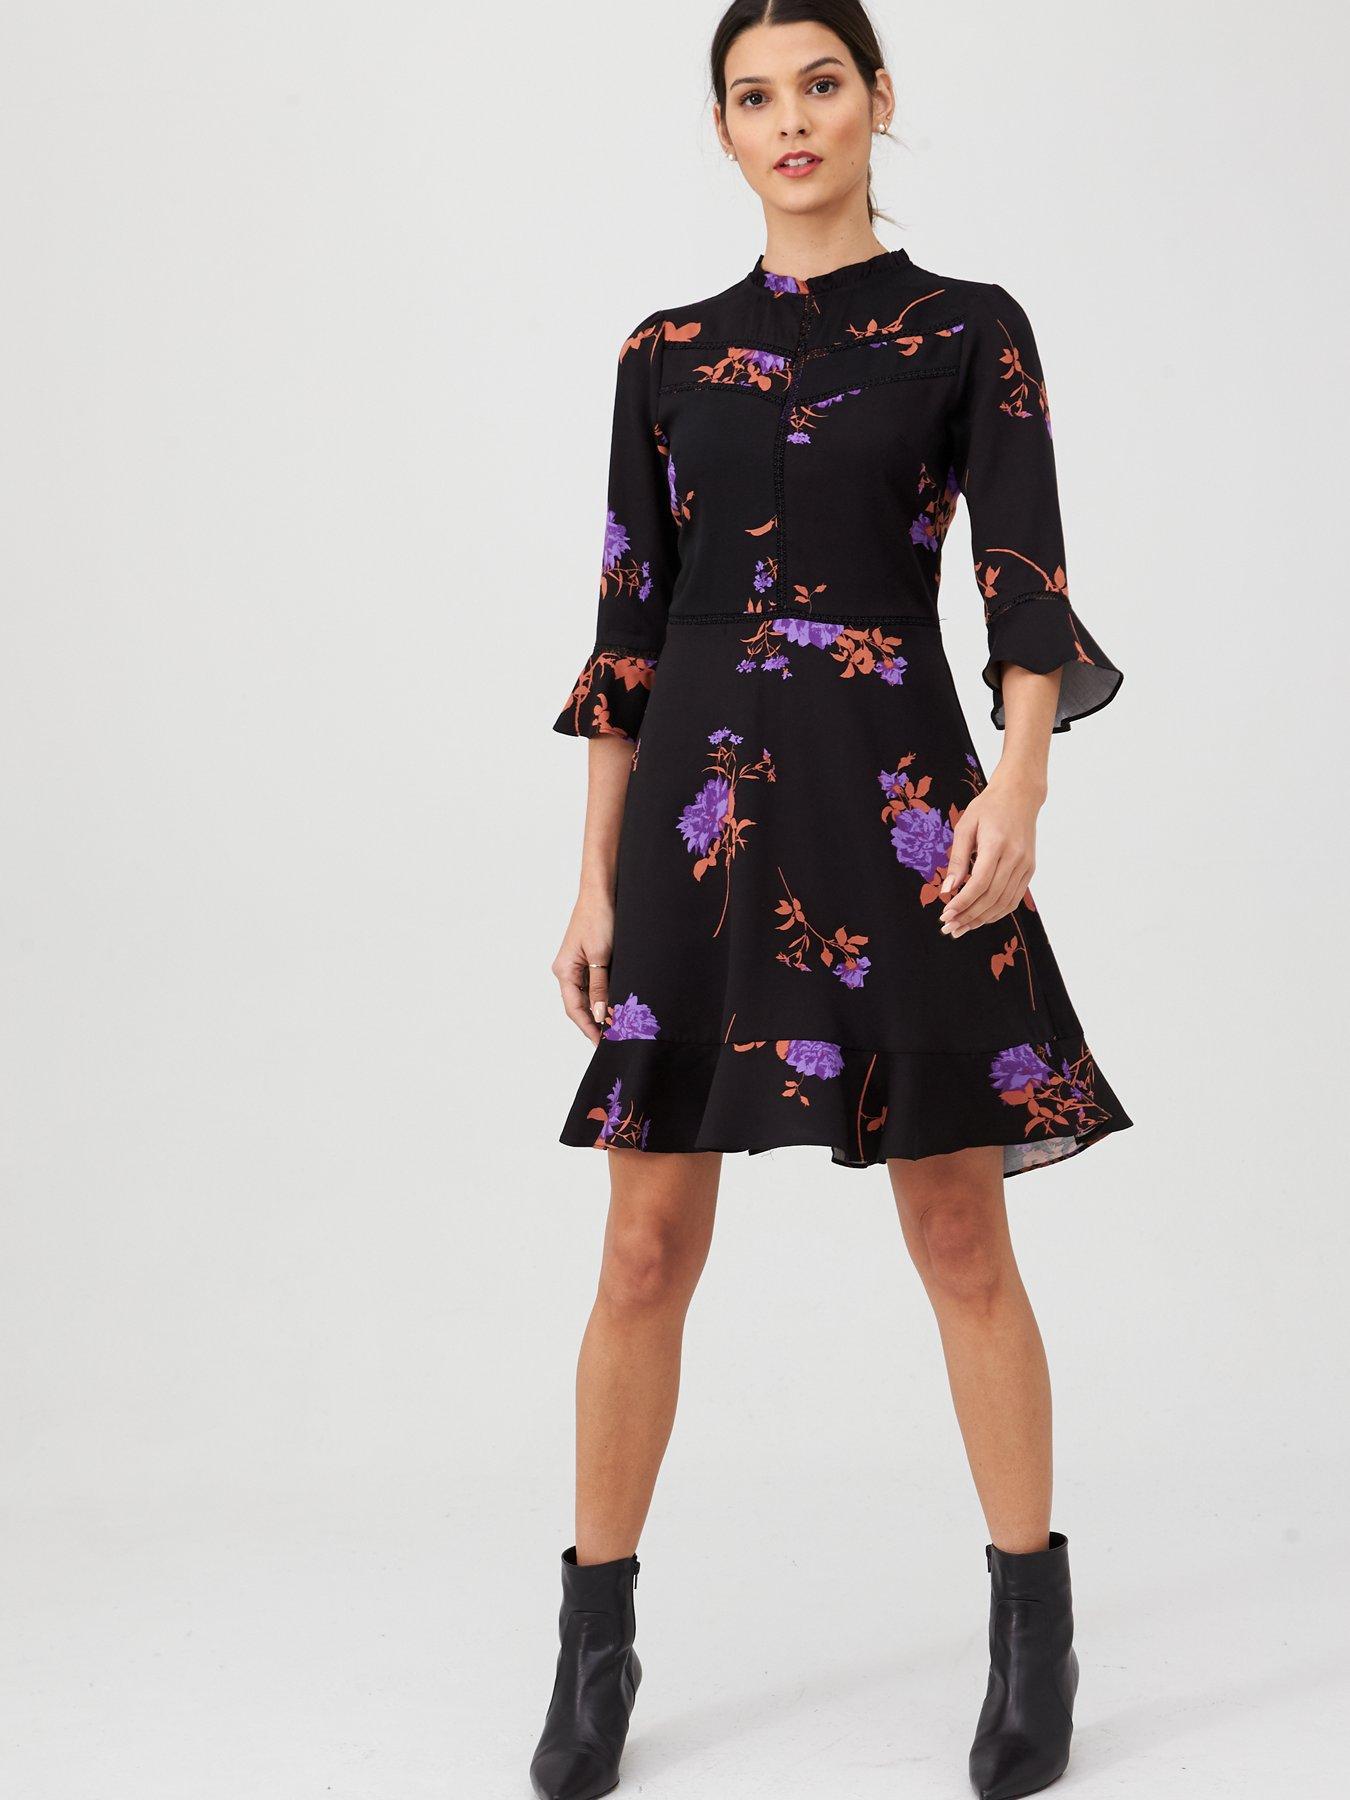 Purple Skater V Open Back Lace Trim Mini Dress UK S 10-12